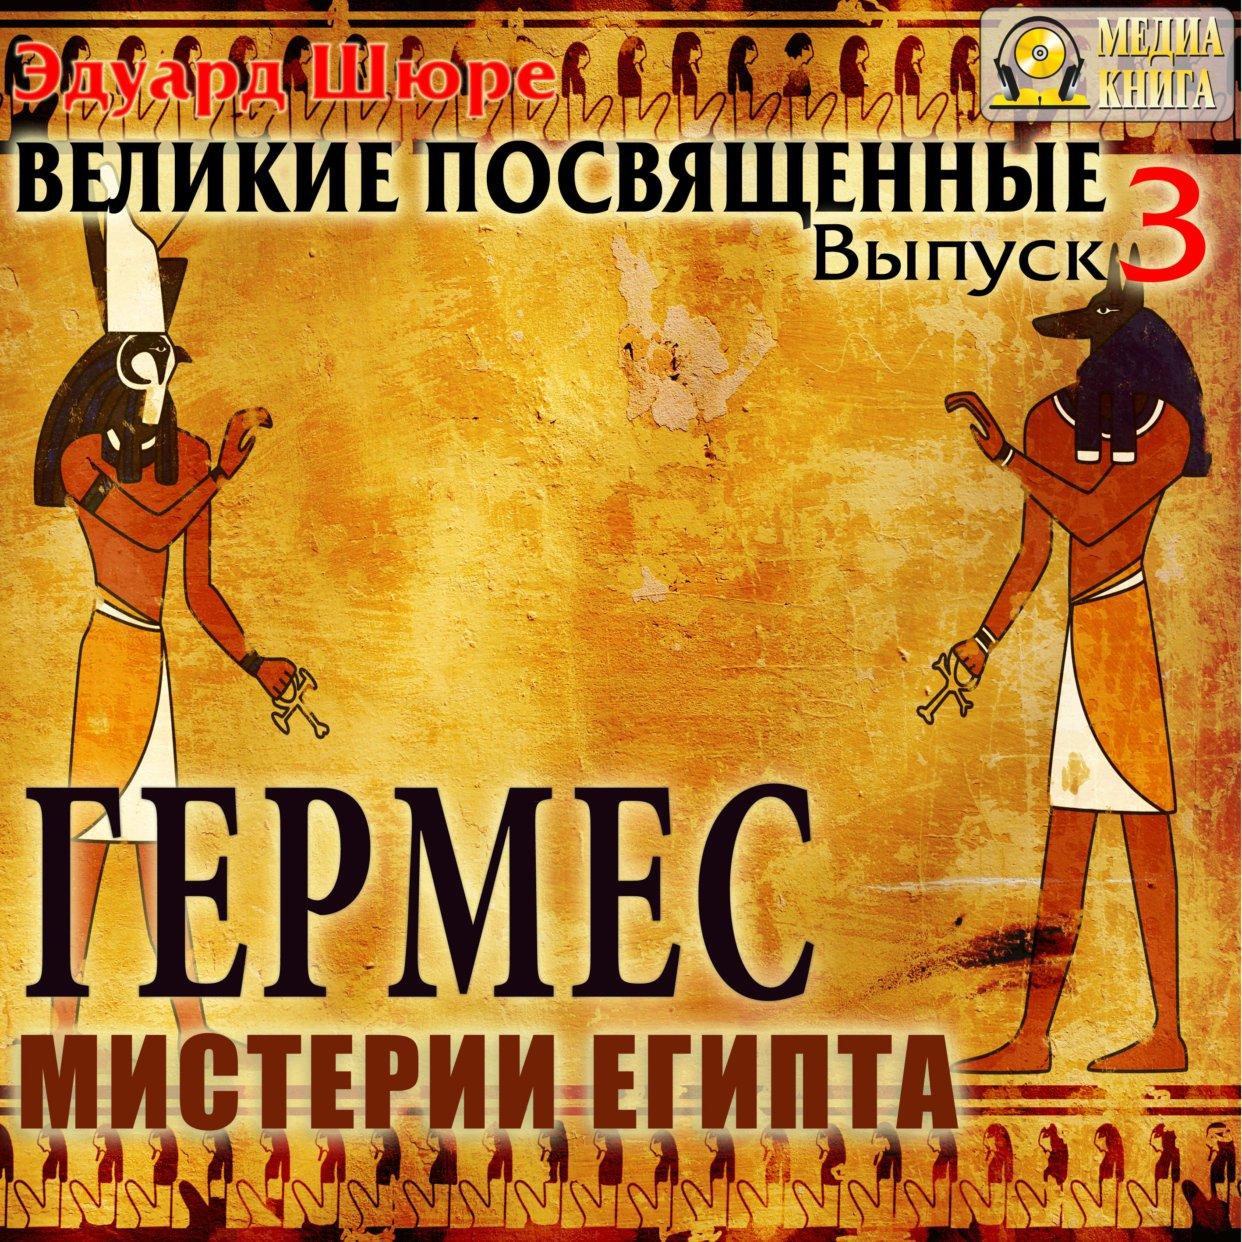 Гермес. Мистерии Египта. Выпуск 3